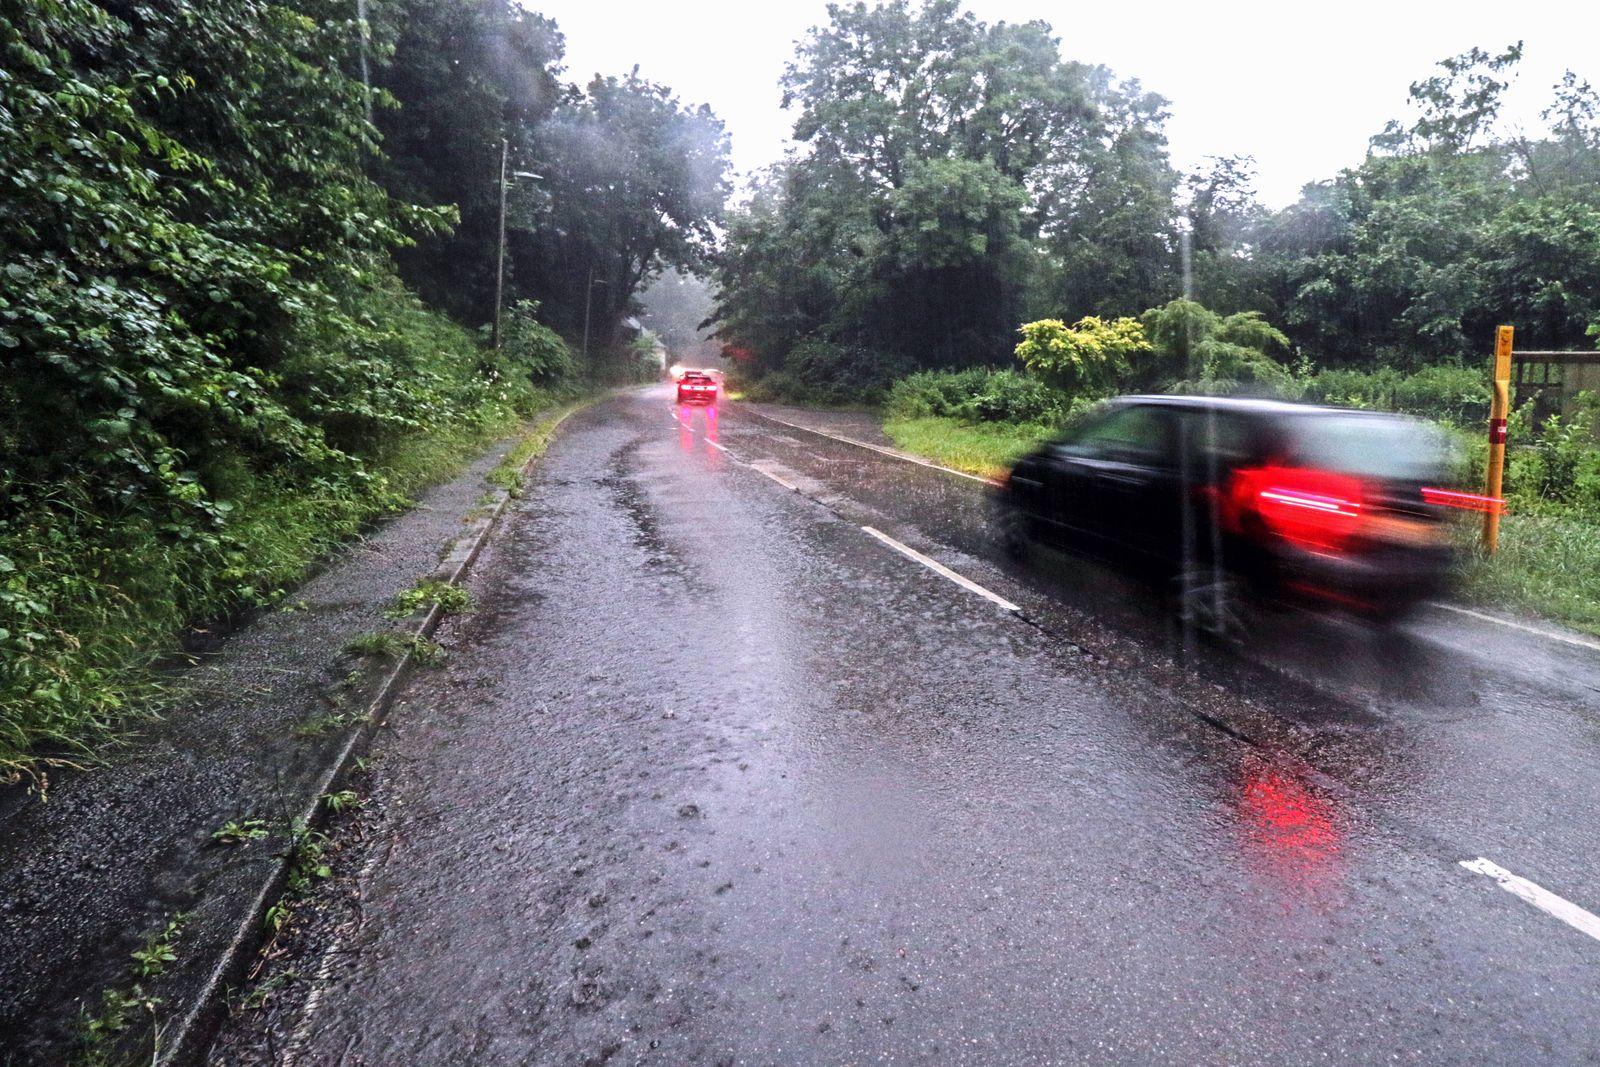 Unwetter in Essen GPS Standortwarnung vor einem Unwetter in Essen vor schweren Gewittern mit heftigen Starkregen und Ha